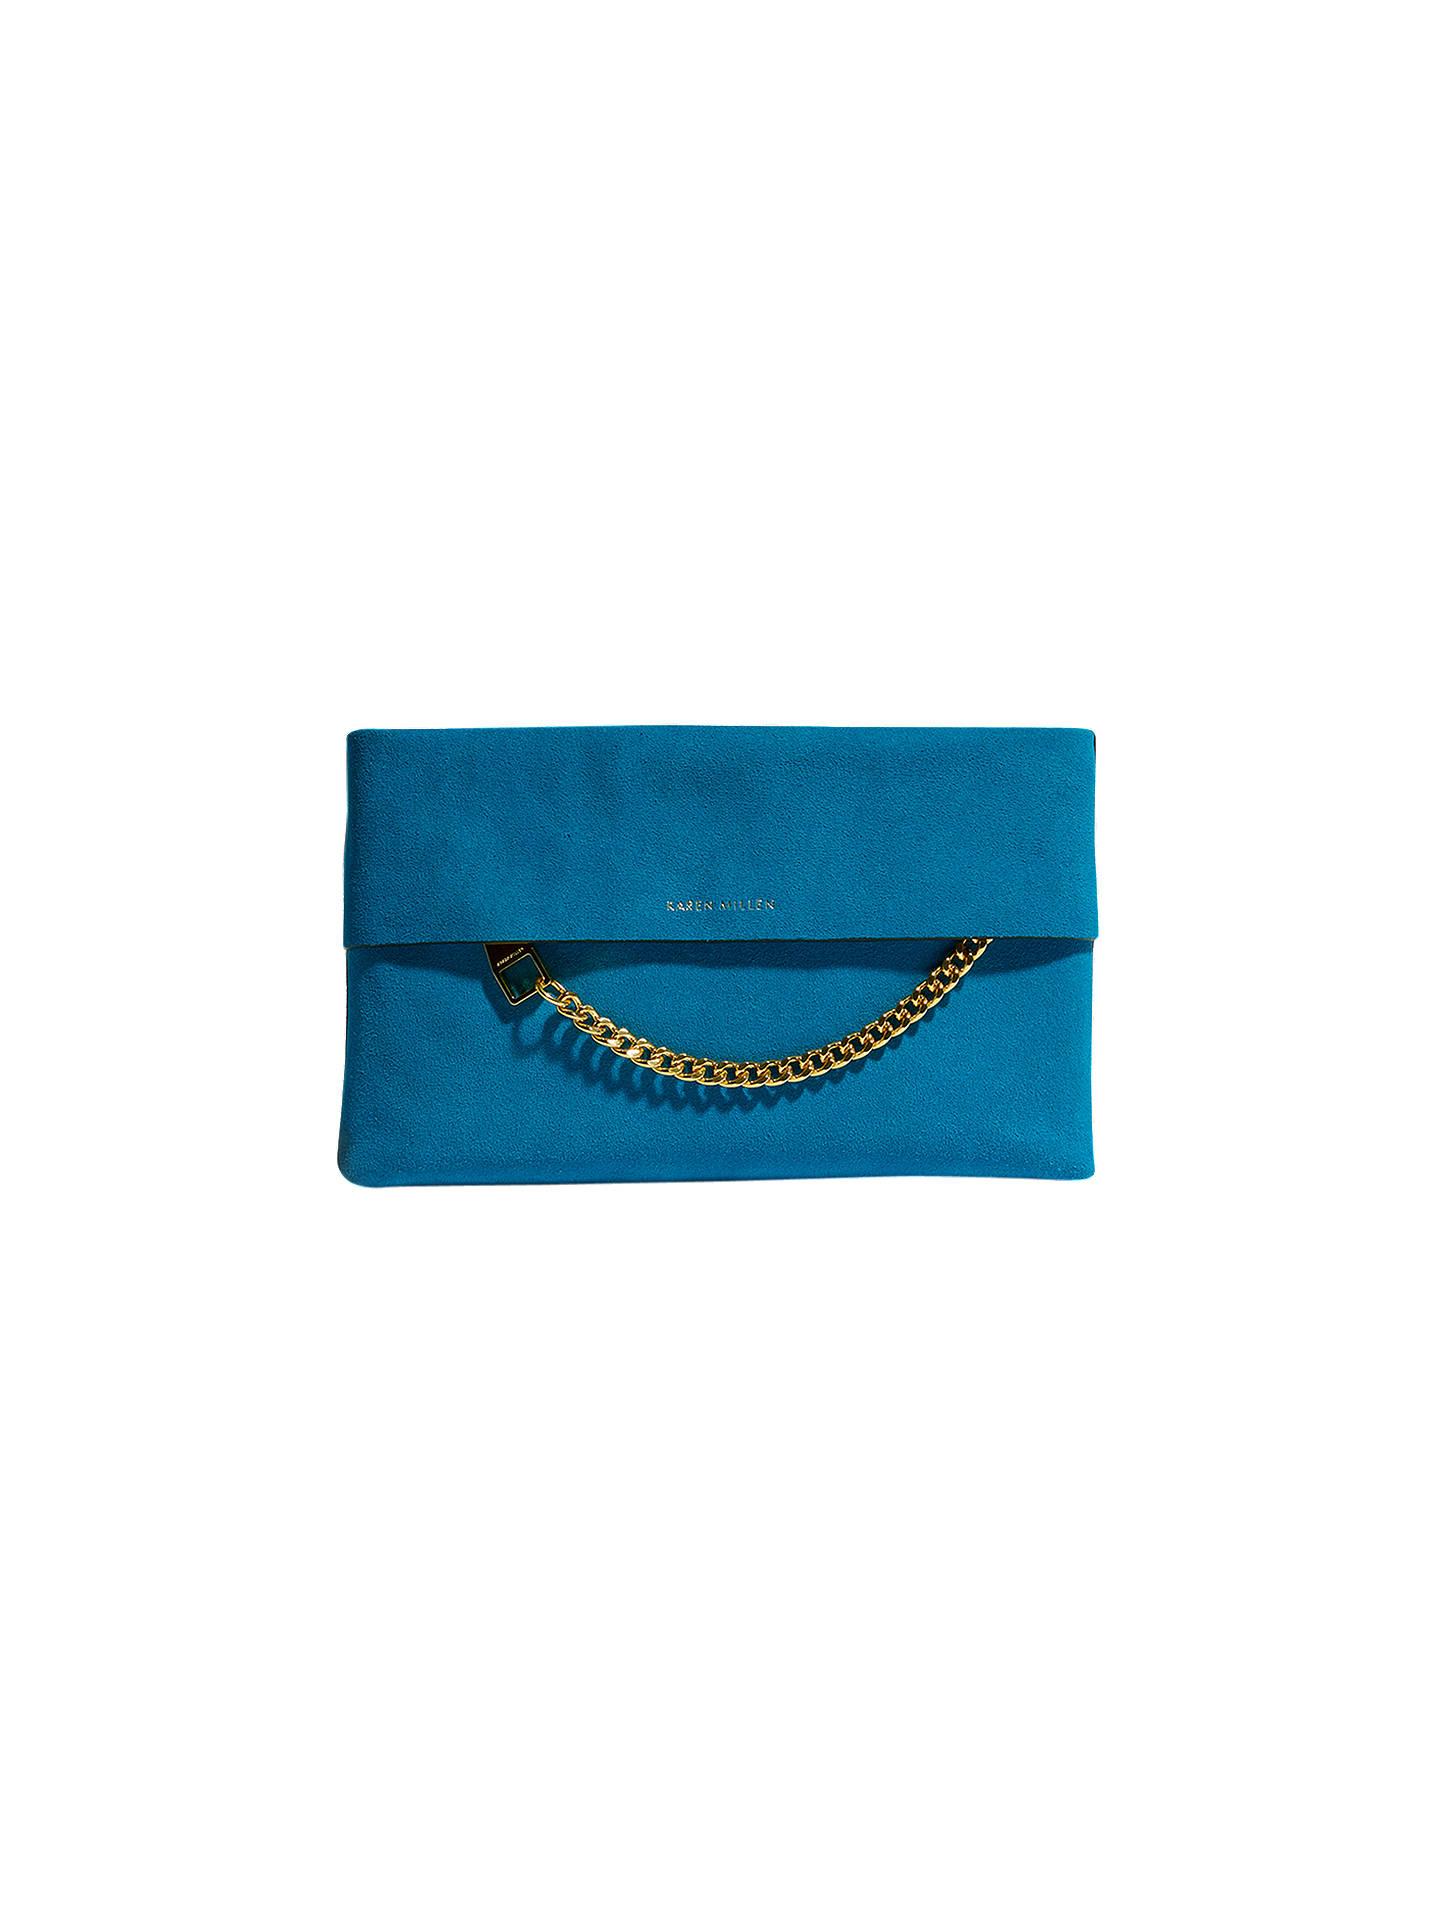 85fec81965f5 Buy Karen Millen Leather Chain Zip Clutch Bag, Blue Suede Online at  johnlewis.com ...